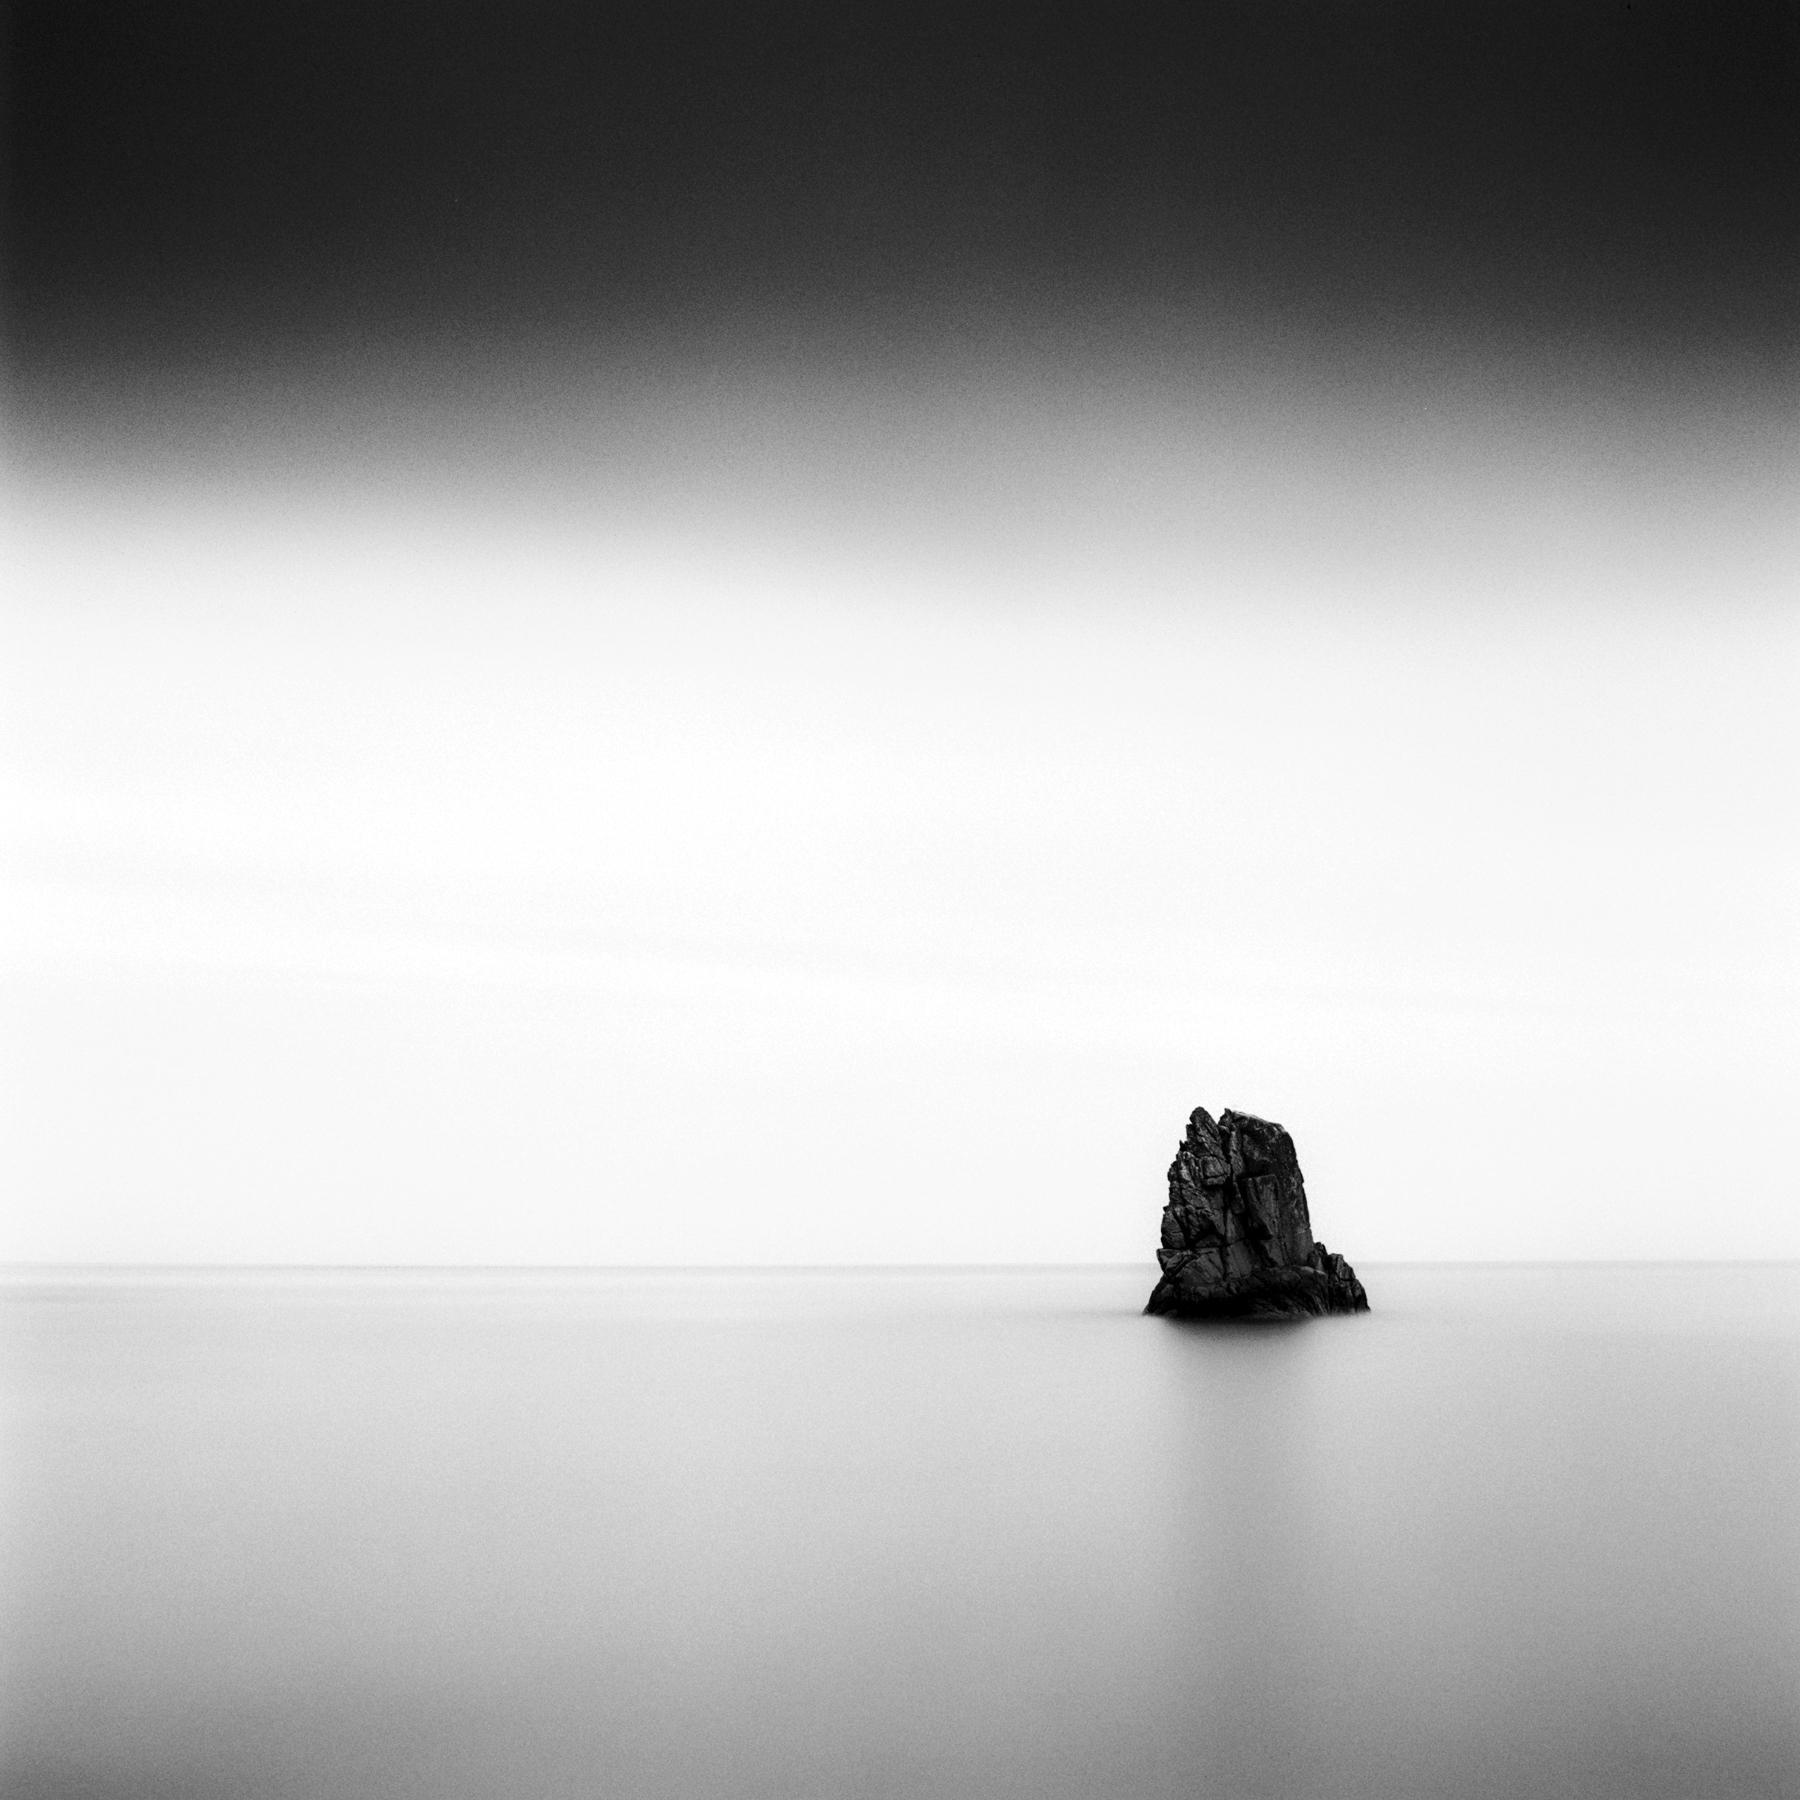 Beauport | Hasselblad 501cm | Zeiss Planar 80mm | Trix 400 | Darren Kelland